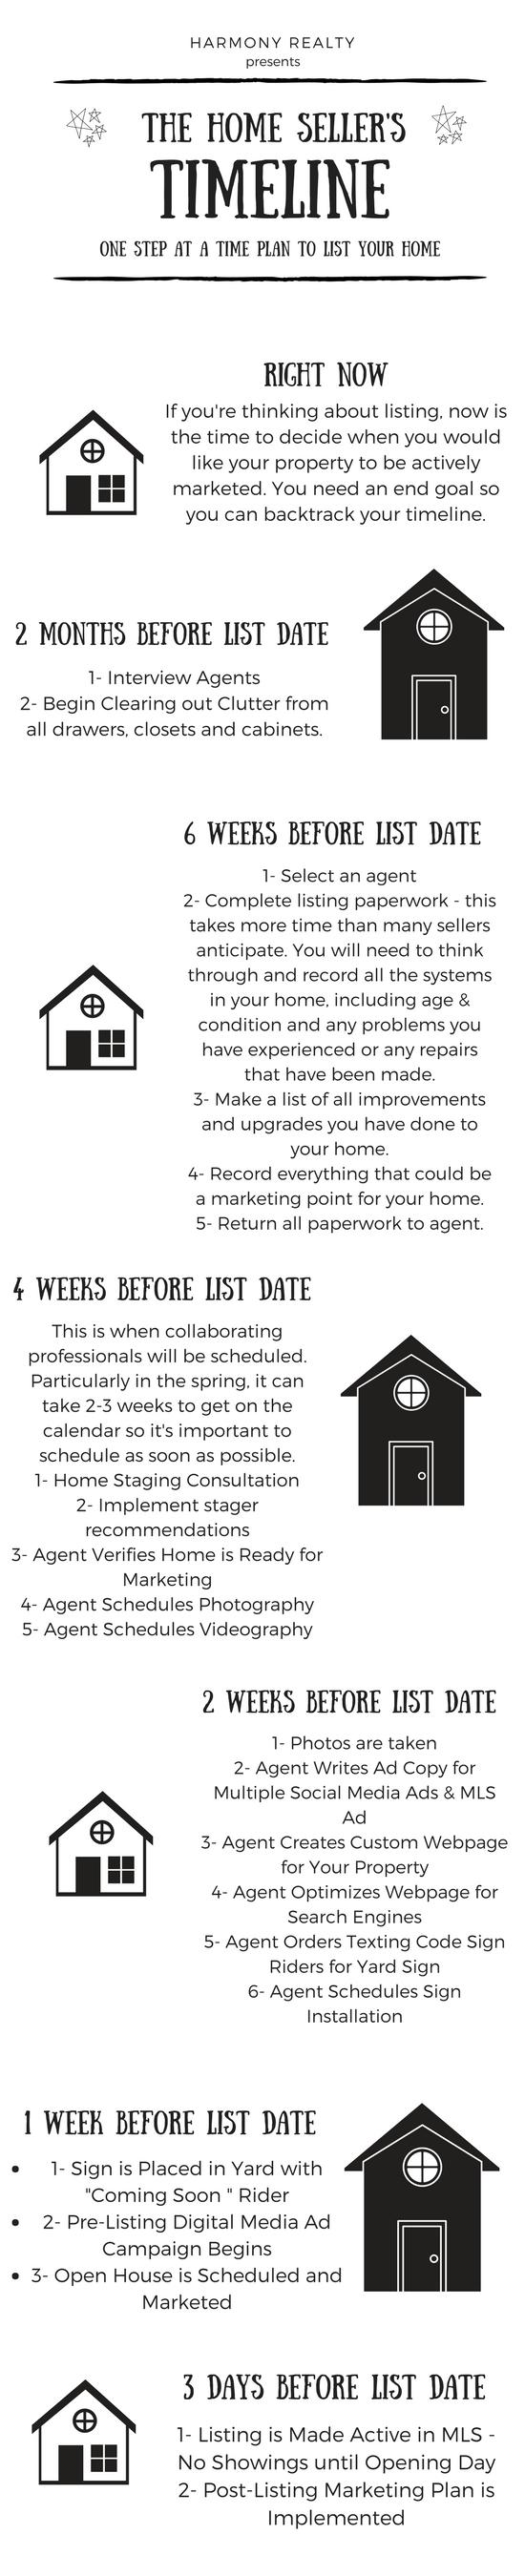 home seller timeline